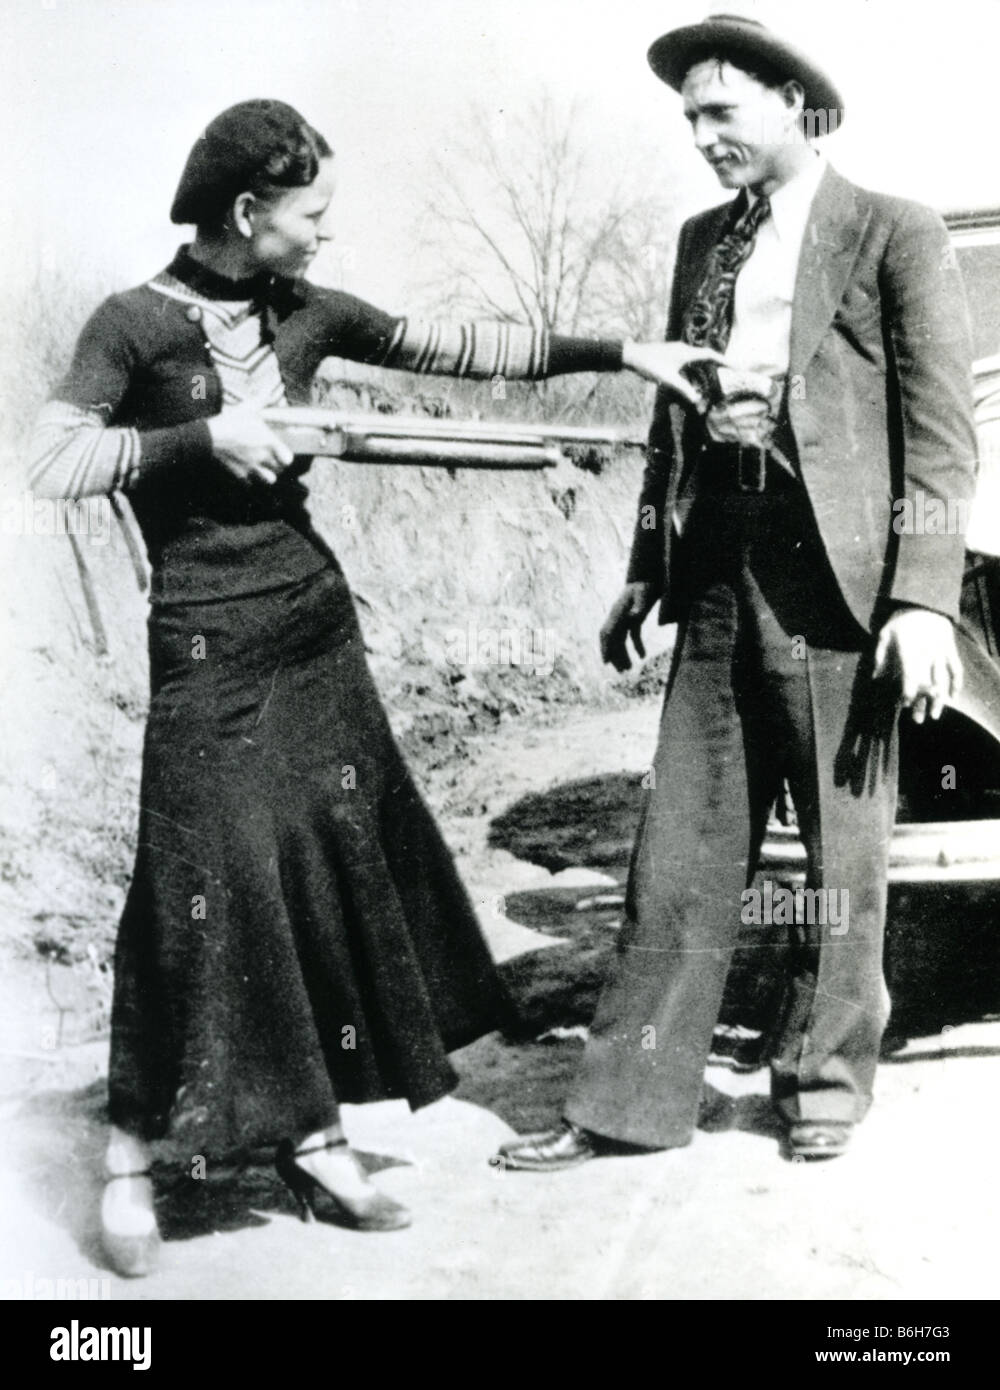 6 dimensioni! FUORILEGGE Bonnie Parker di Bonnie e Clyde GANG POSTER FOTO COLORATA